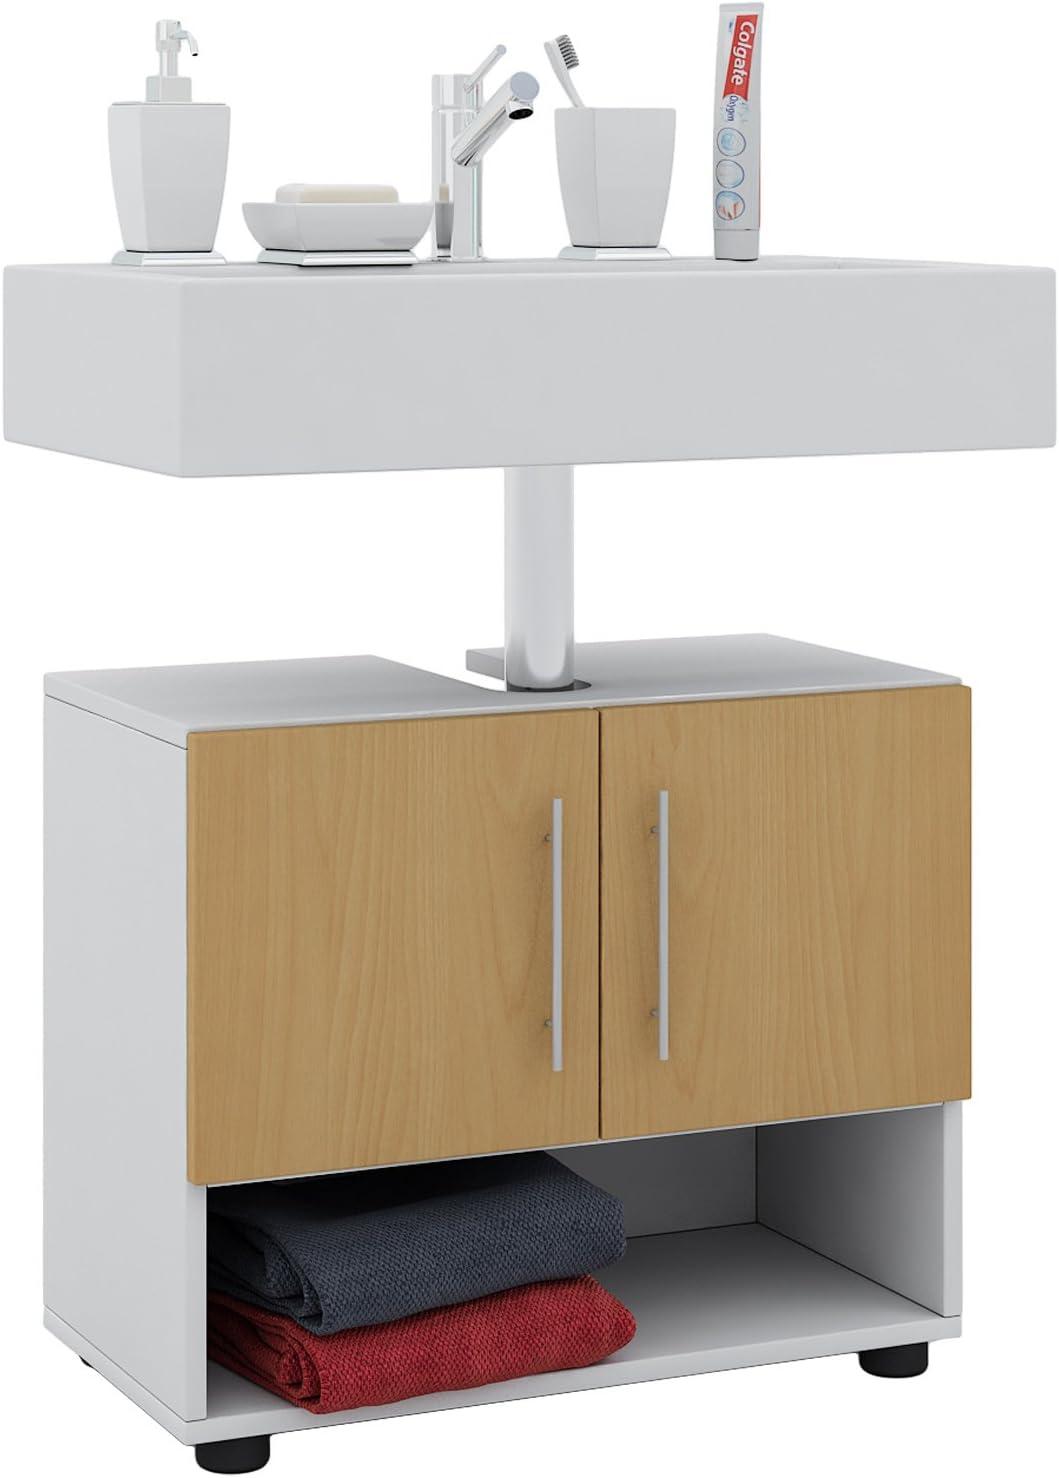 VCM Hebola I Waschbeckenunterschrank, Holzdekor, Weiß/Buche, 12 x